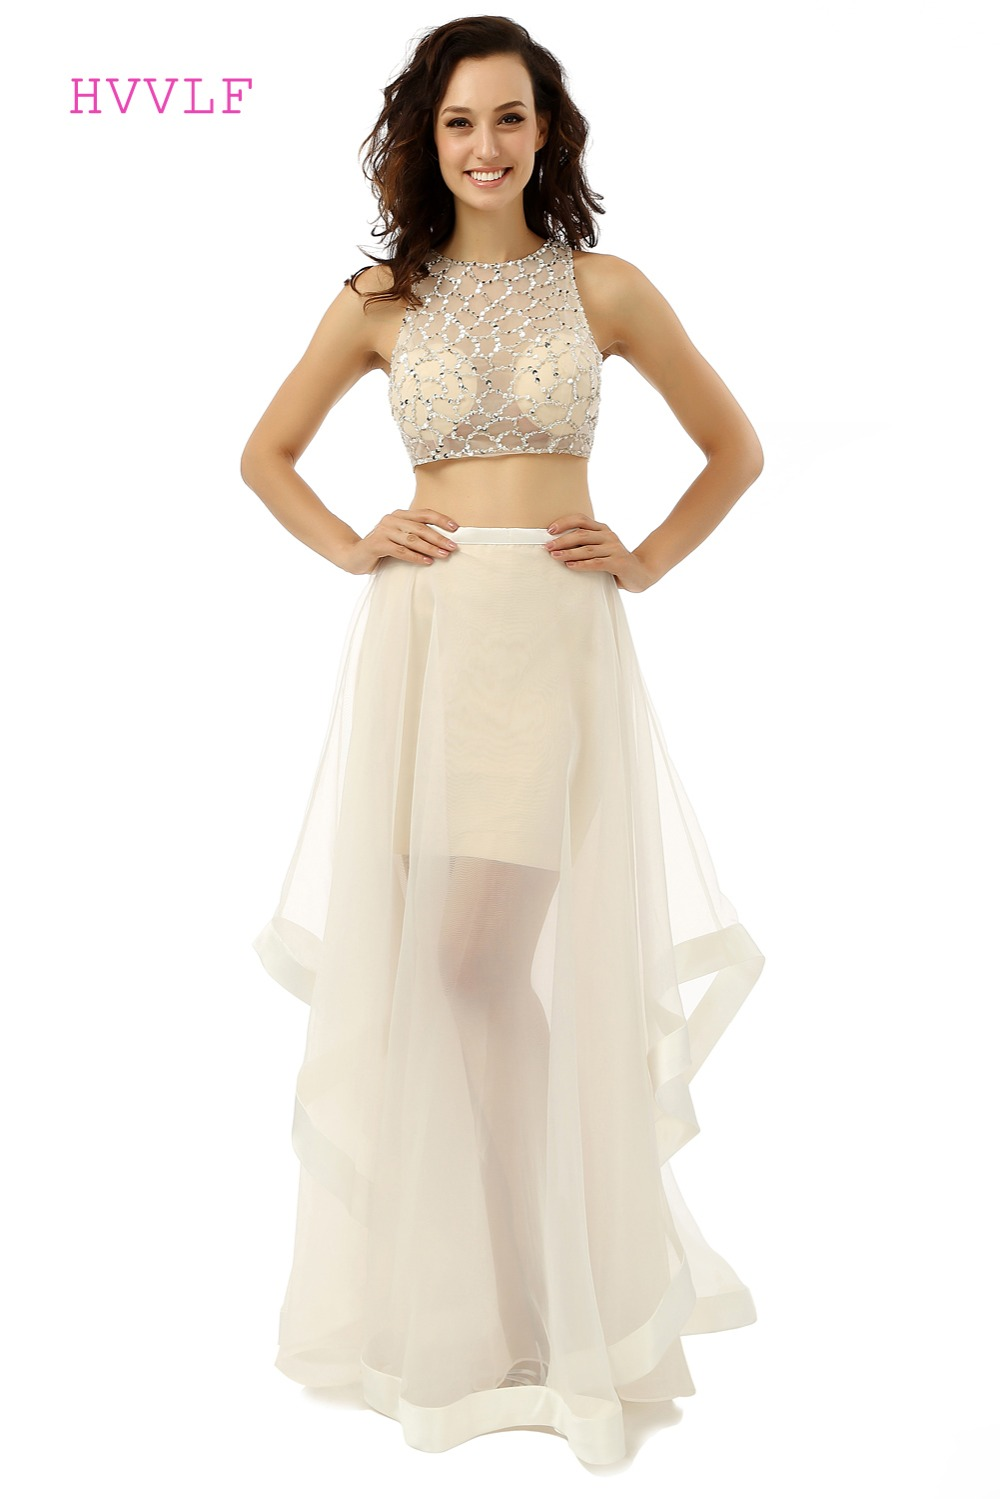 See Through 2019 Выпускные платья с высоким воротником из тюля с бусинами 2 шт. бежевое длинное выпускное платье Вечерние платья Вечернее платье